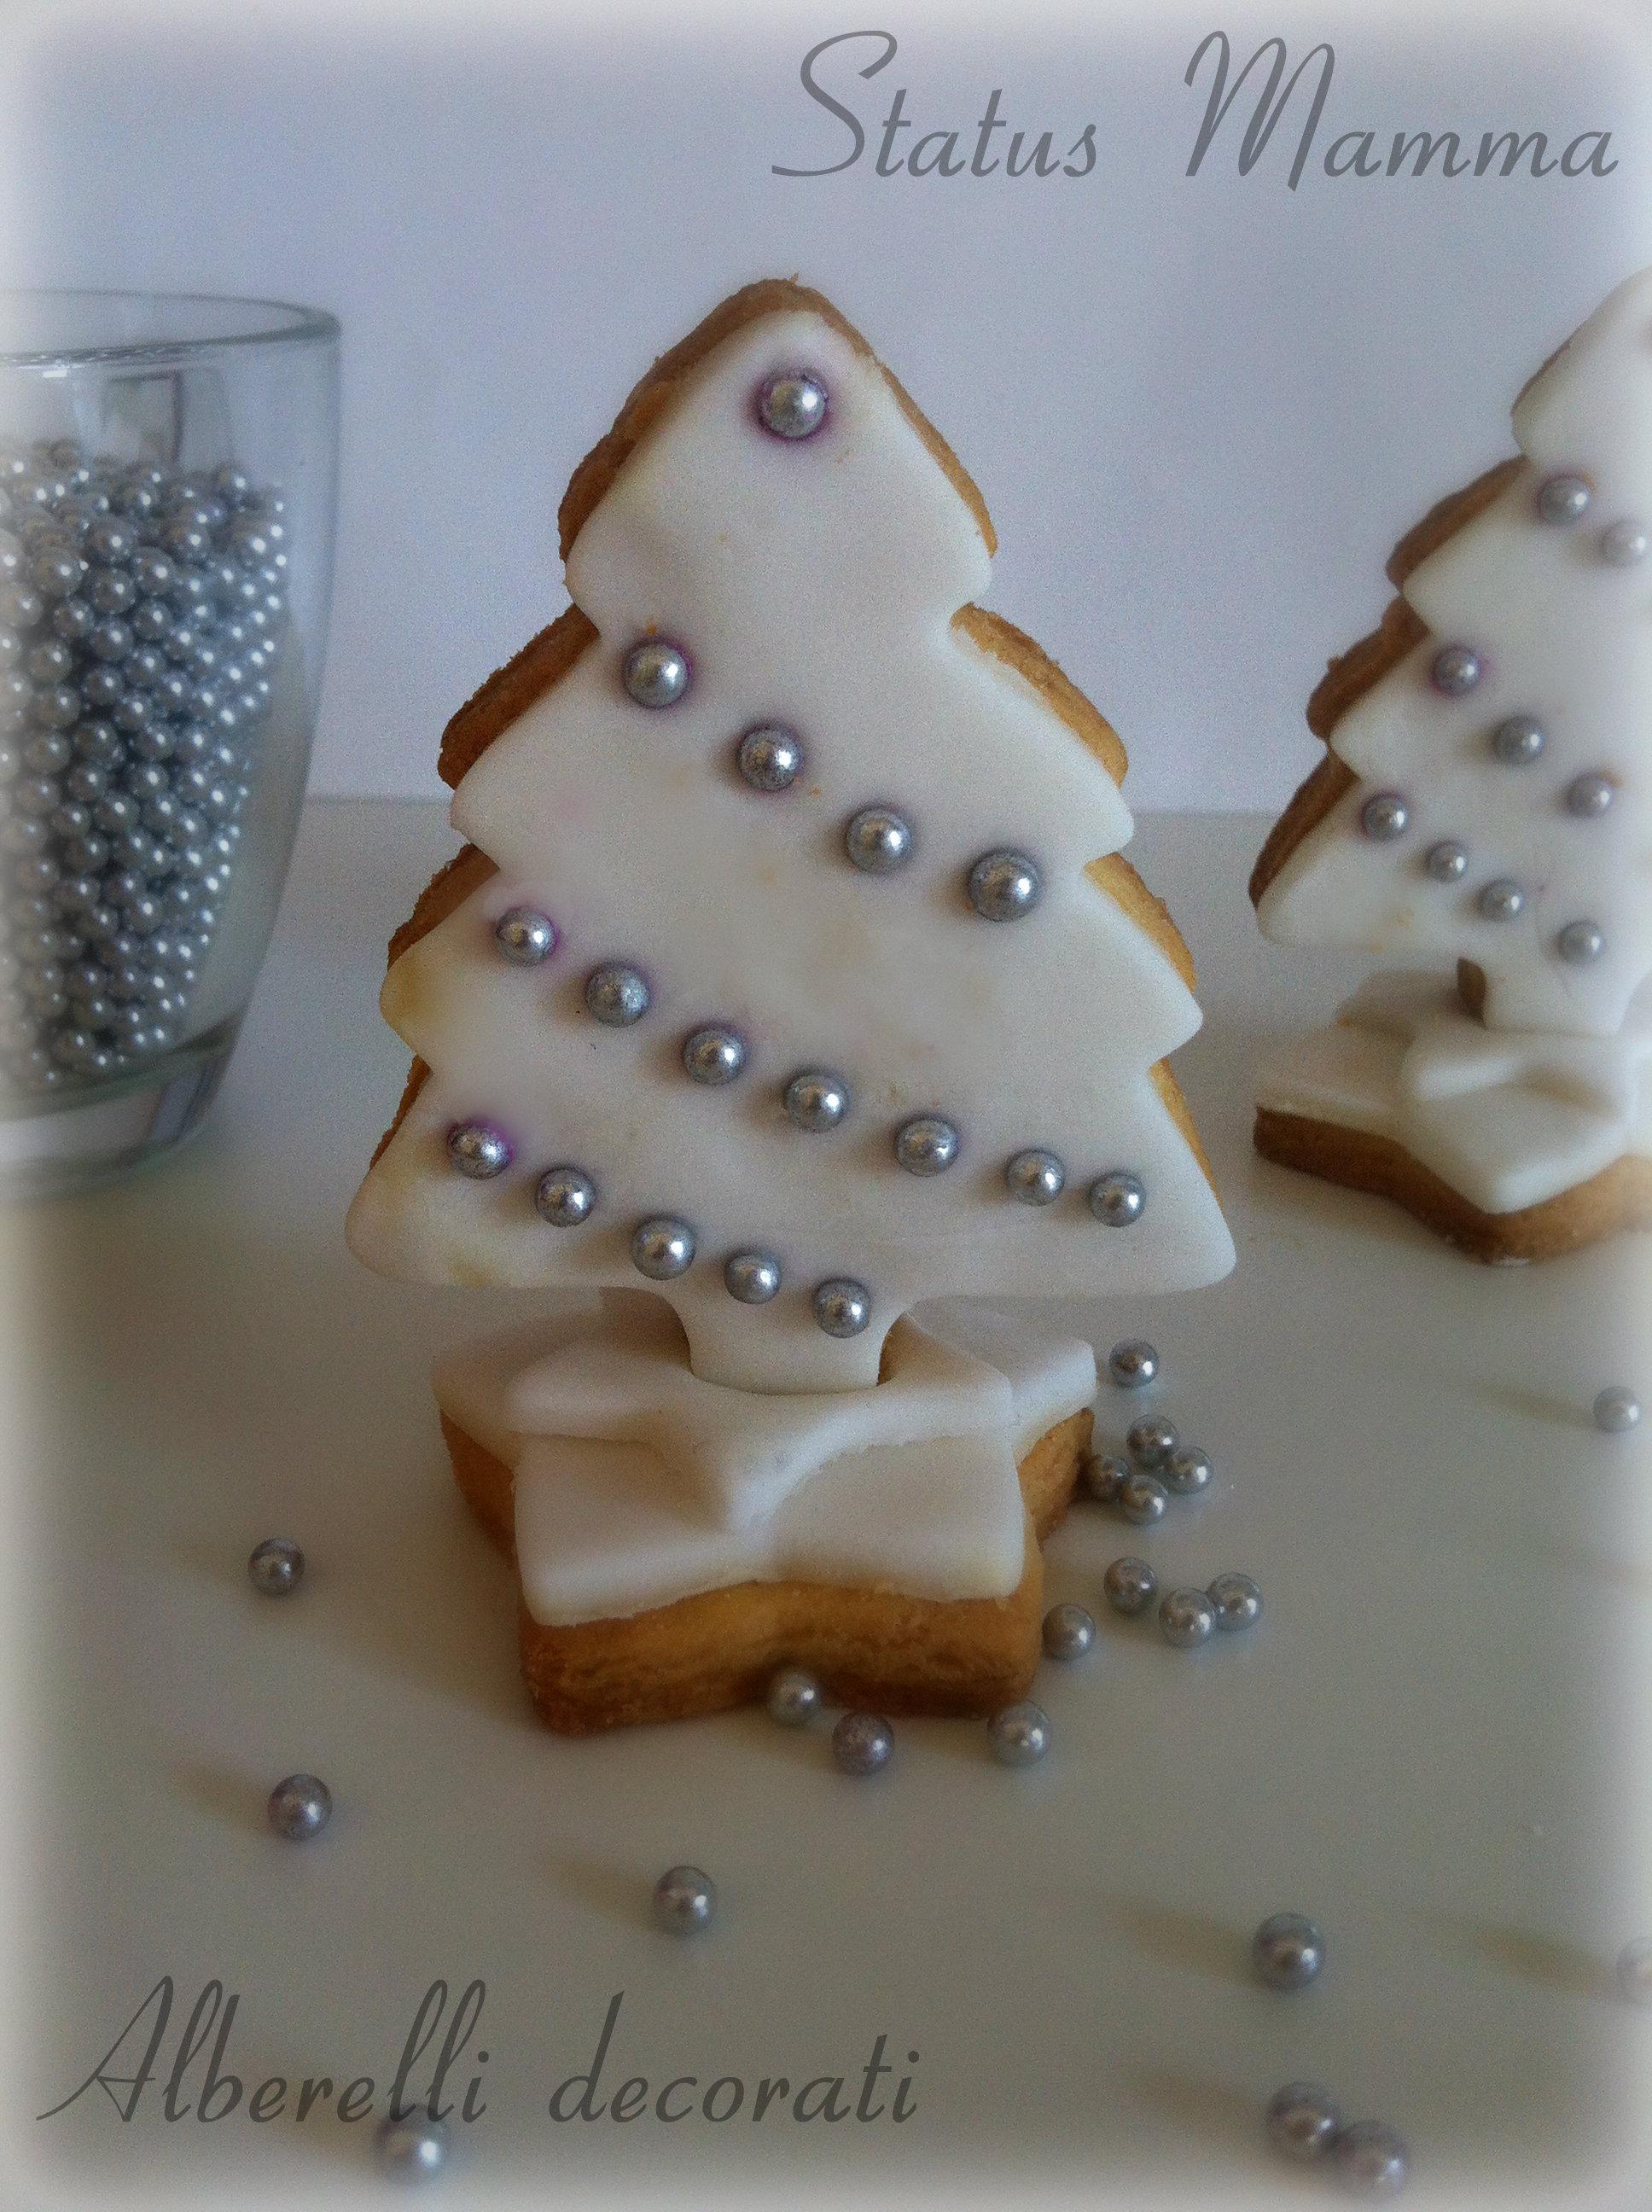 Alberelli decorati in pasta da zucchero dolci biscotti Natale Natalizio Bambini Statusmamma Giallozafferano BlogGz foto tutorial decorare bambini ricetta cucinare